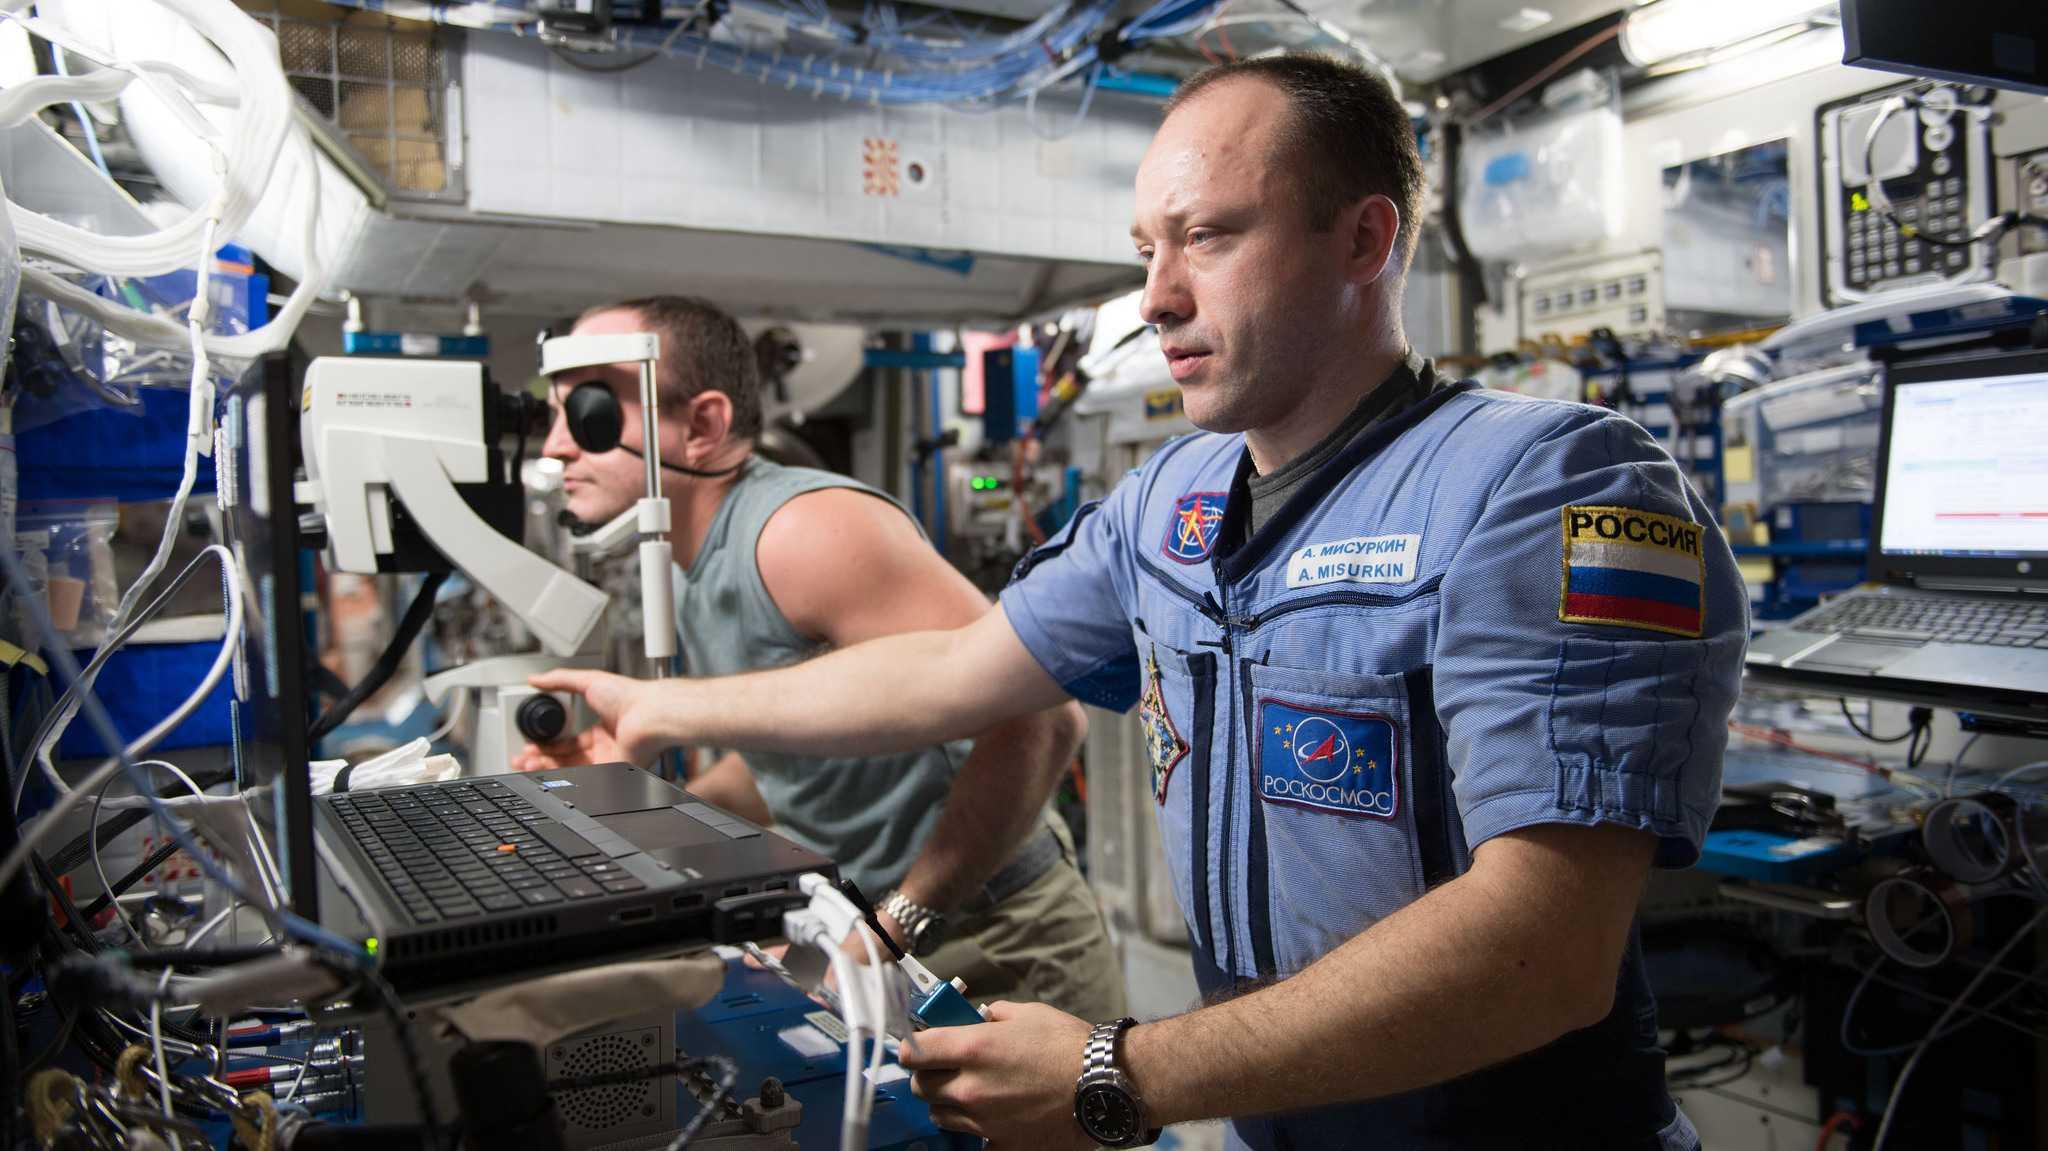 Bakterien auf Raumstation ISS ähnlich wie im Wohnzimmer